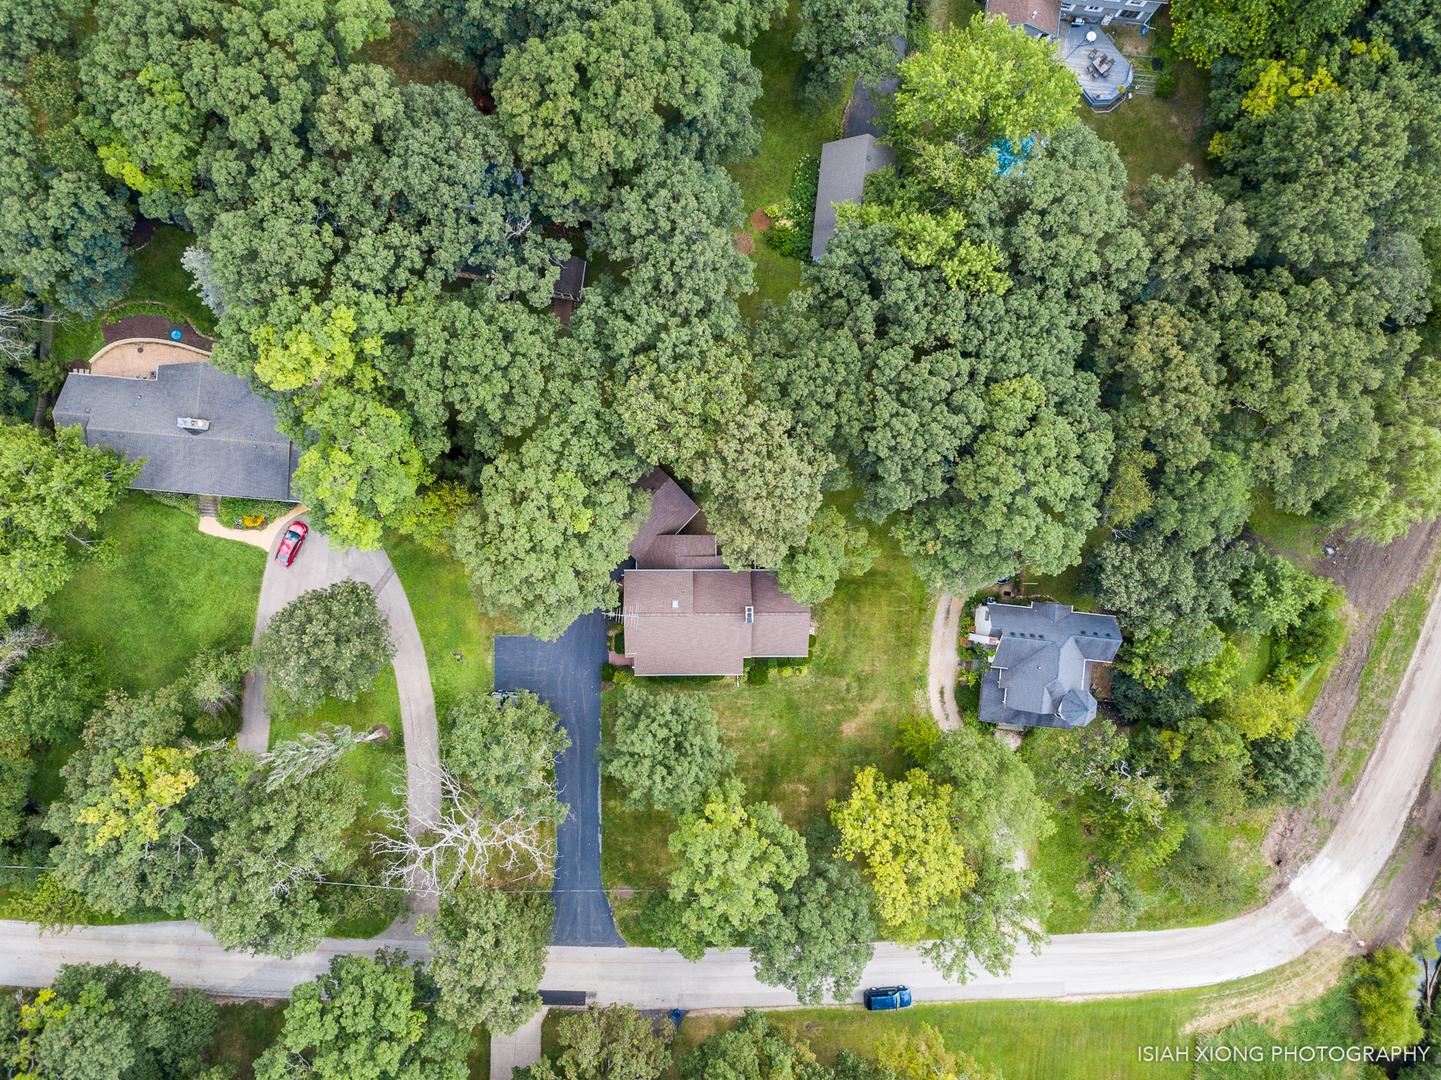 43W935 Old Midlothian, ELBURN, Illinois, 60119